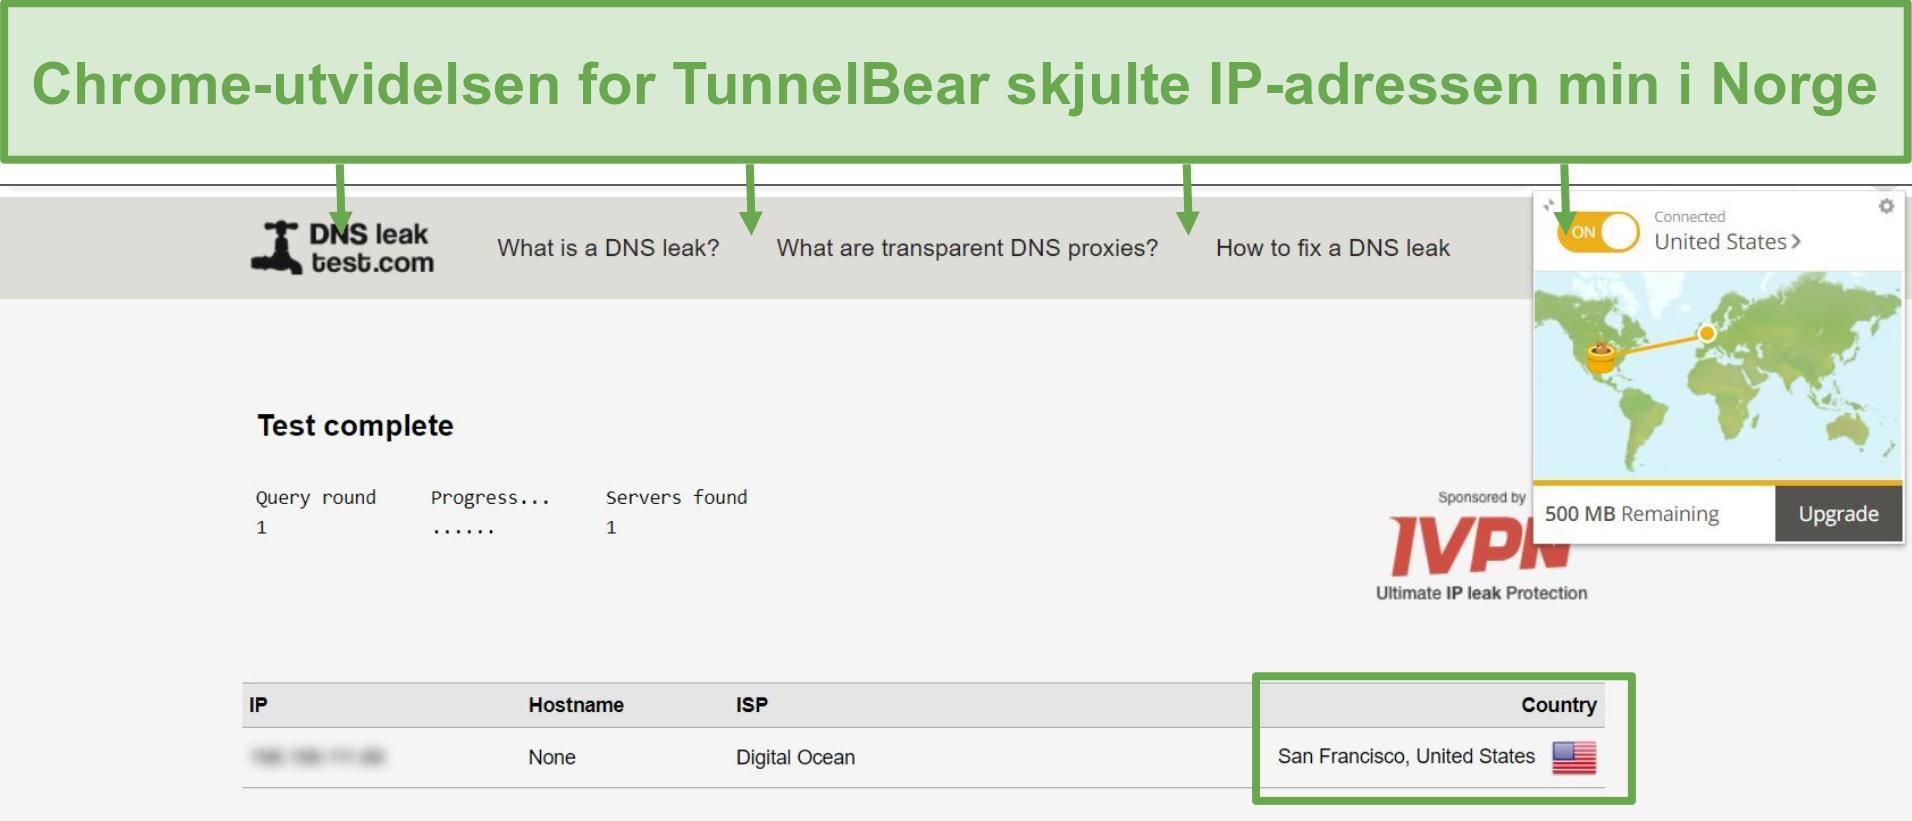 Skjermbilde av DNS-lekkasjetestresultater når den er koblet til TunnelBear.